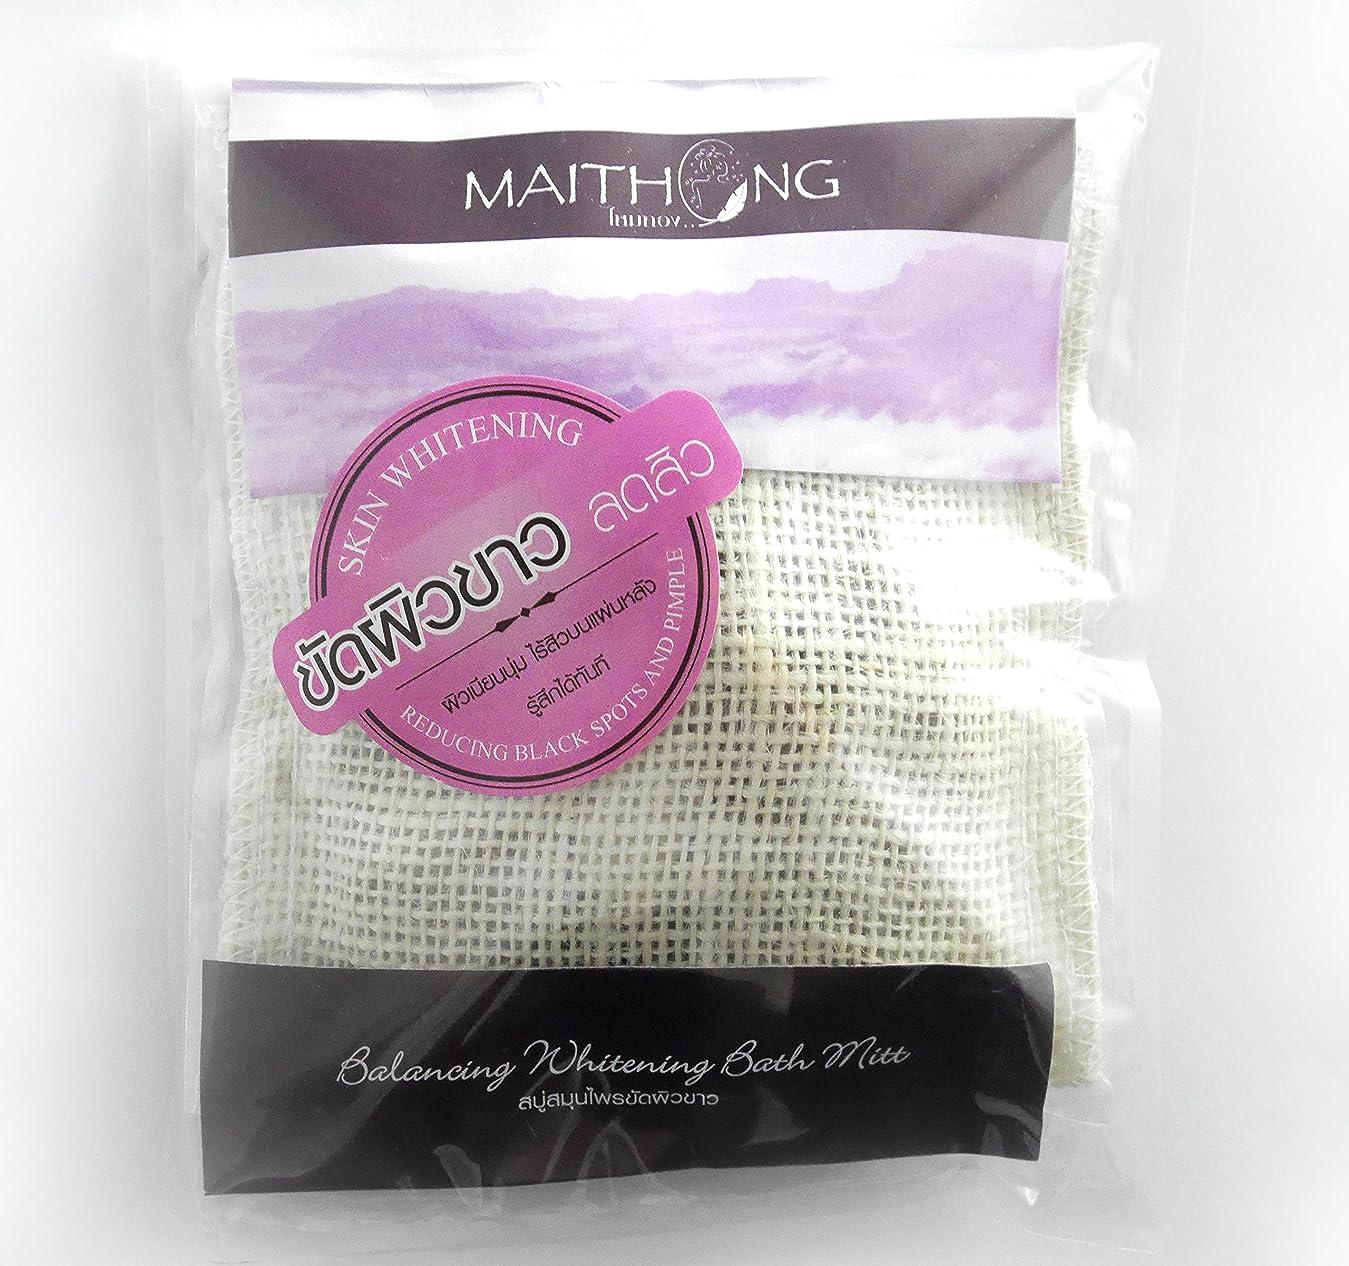 フェリーサワー資金(マイトーン)Maithong マンゴスチン バスミット 100g